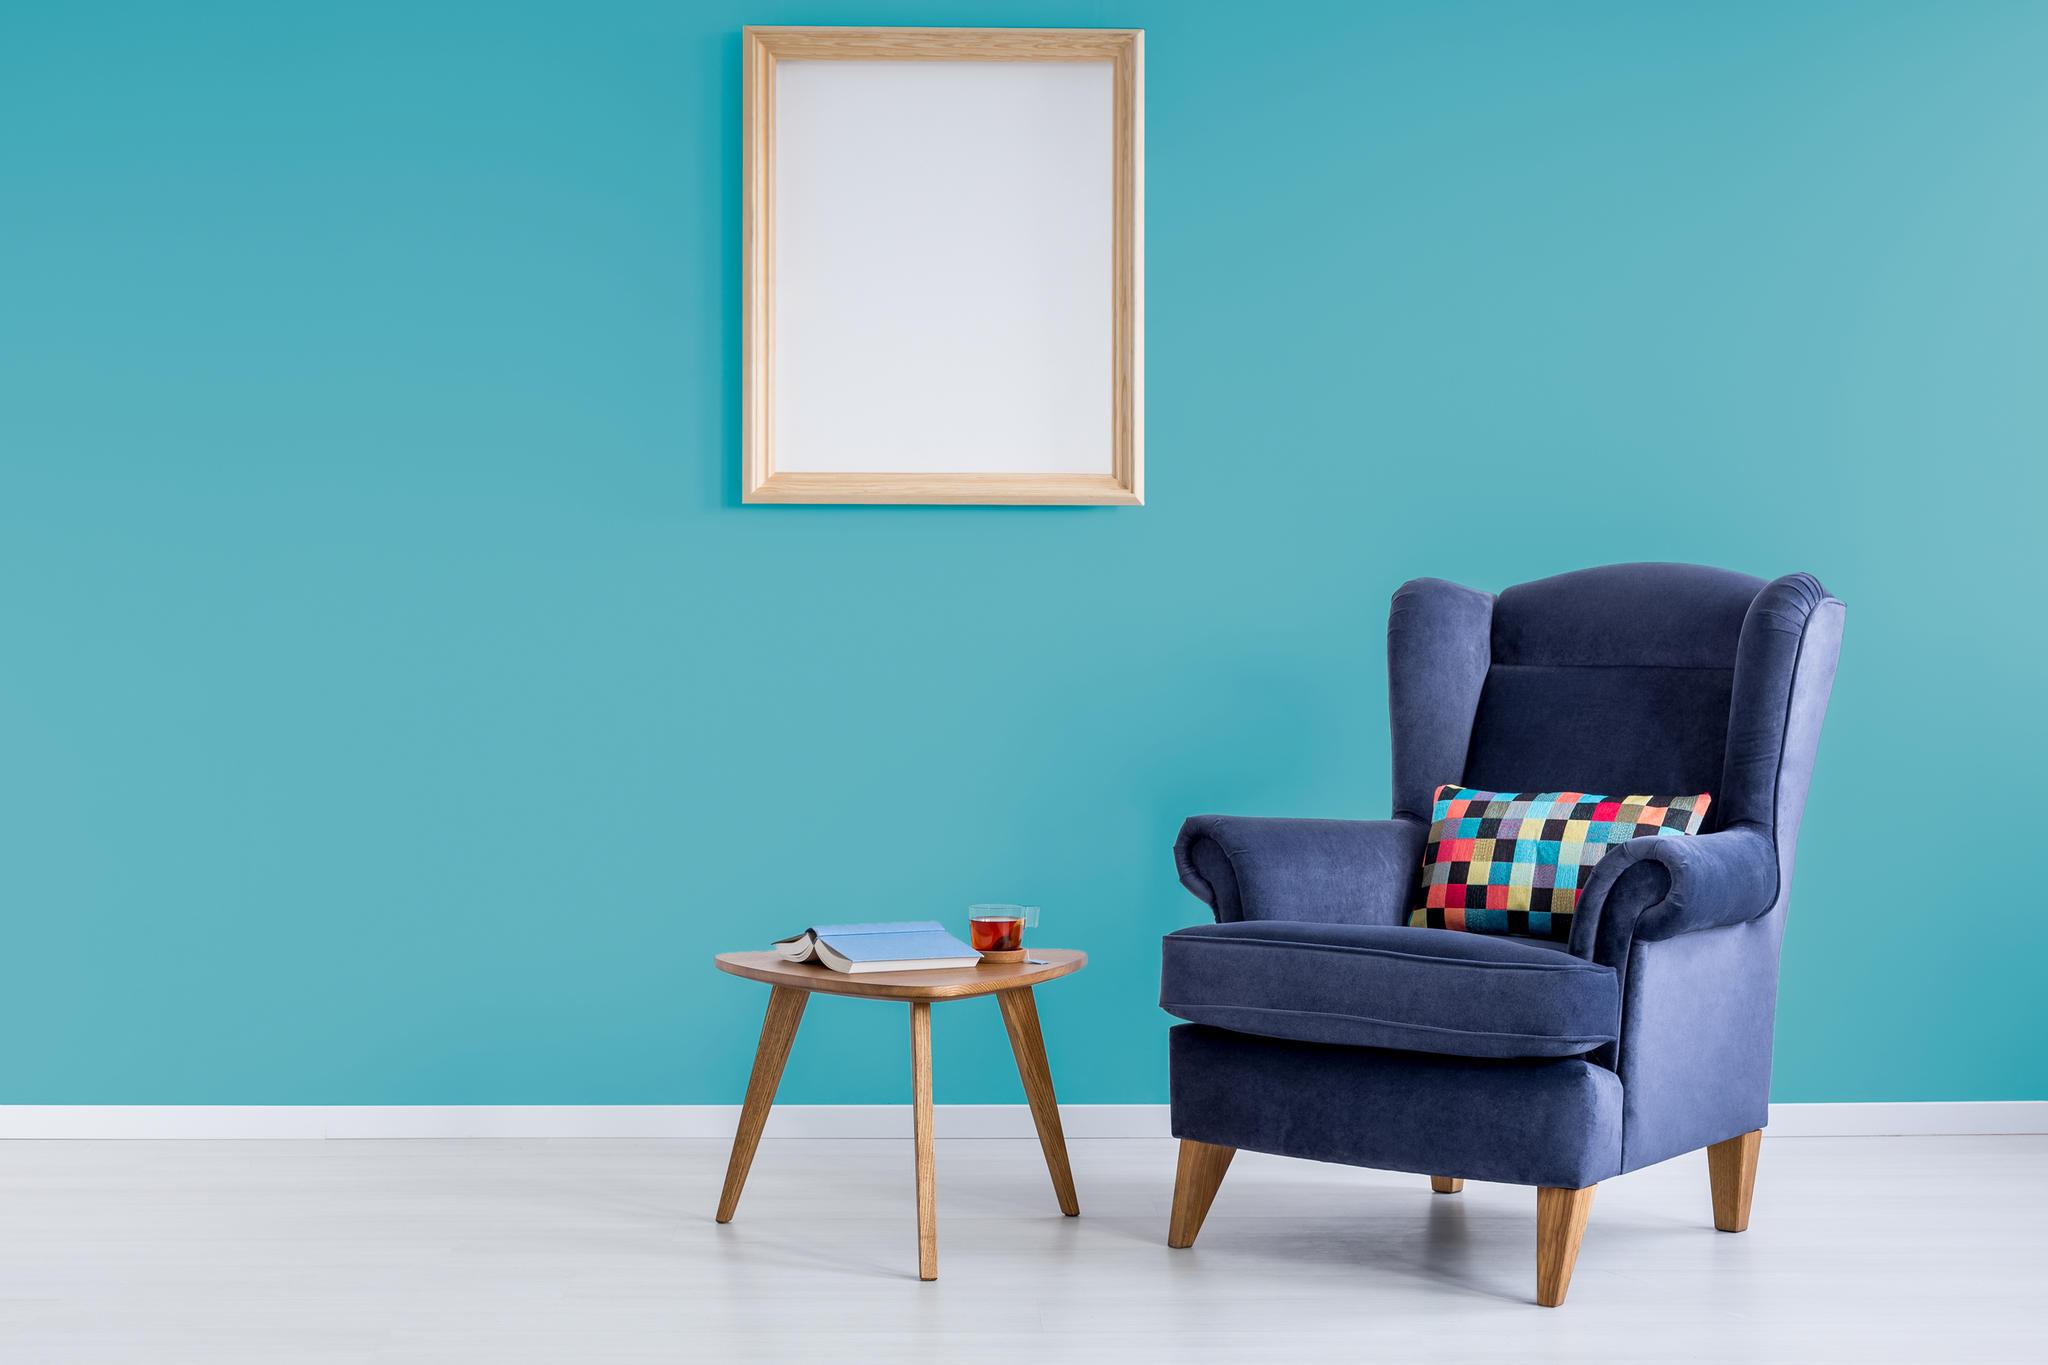 minimalistisch wohnen besser leben mit weniger. Black Bedroom Furniture Sets. Home Design Ideas